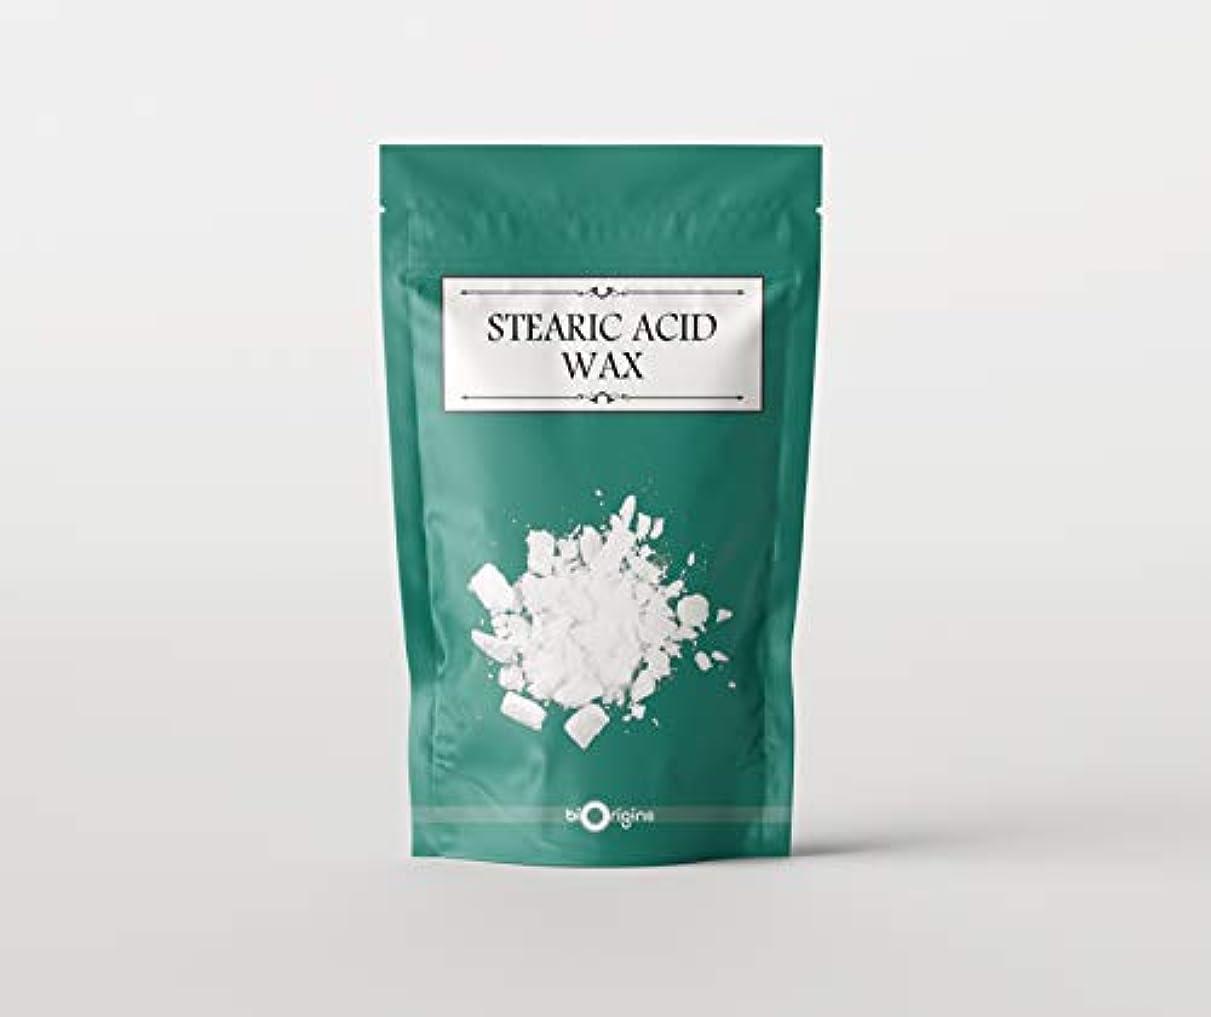 上流の溶岩対角線Stearic Acid Wax 500g